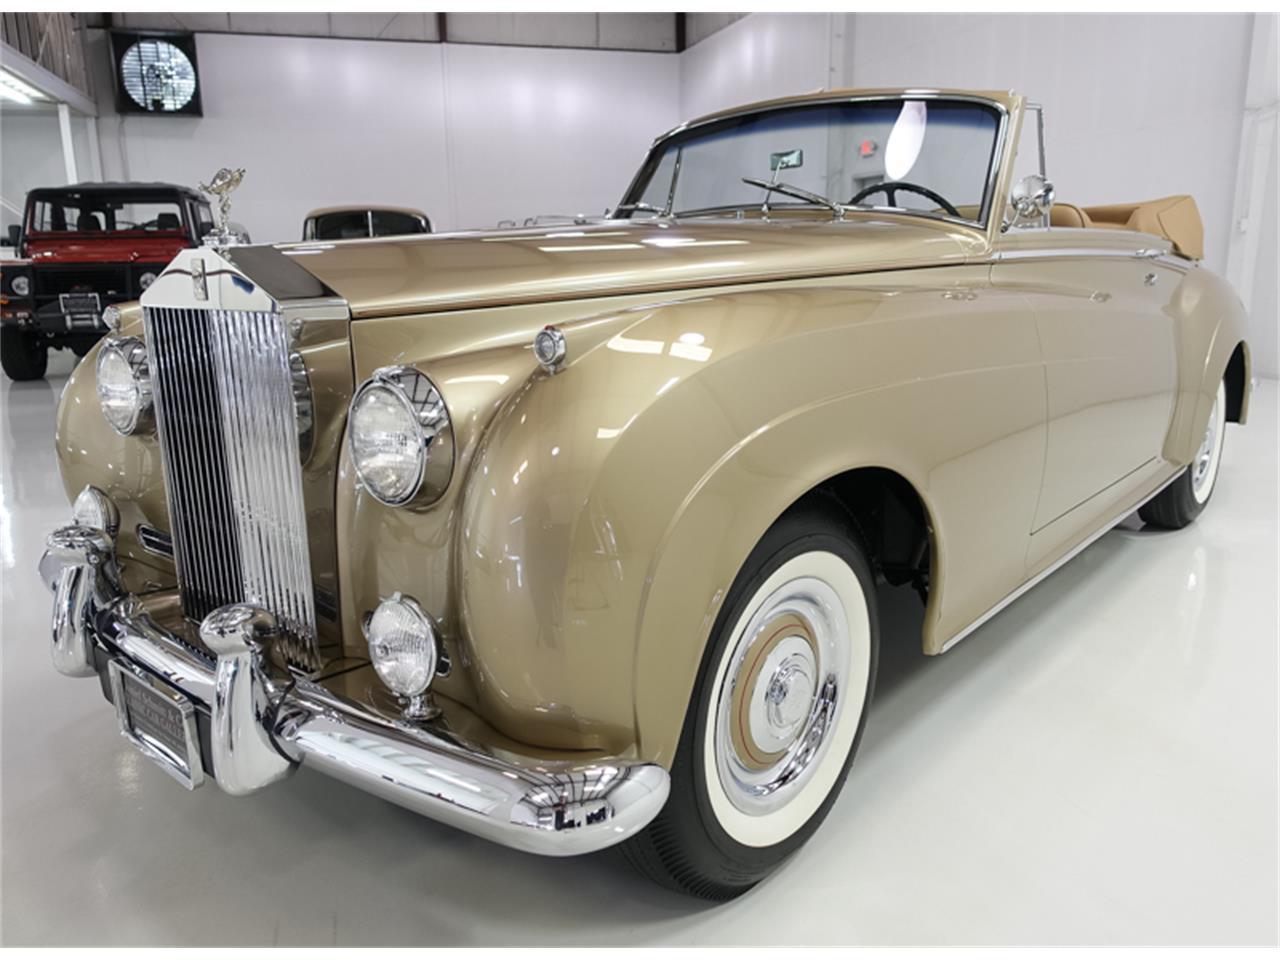 1959 Rolls-Royce Silver Cloud (CC-1075845) for sale in St. Louis, Missouri